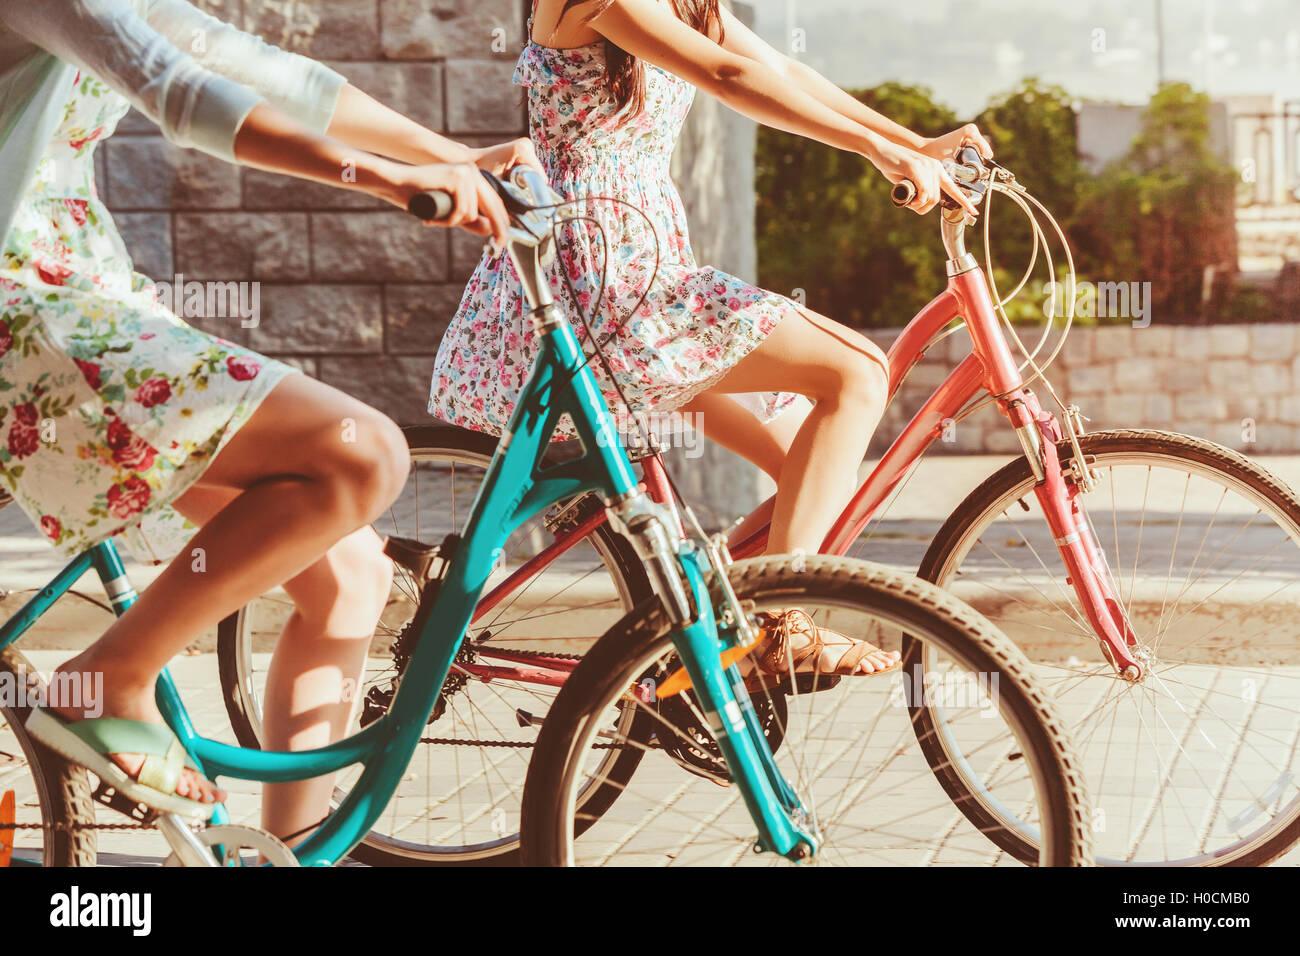 Die beiden jungen Mädchen mit Fahrrädern im park Stockbild